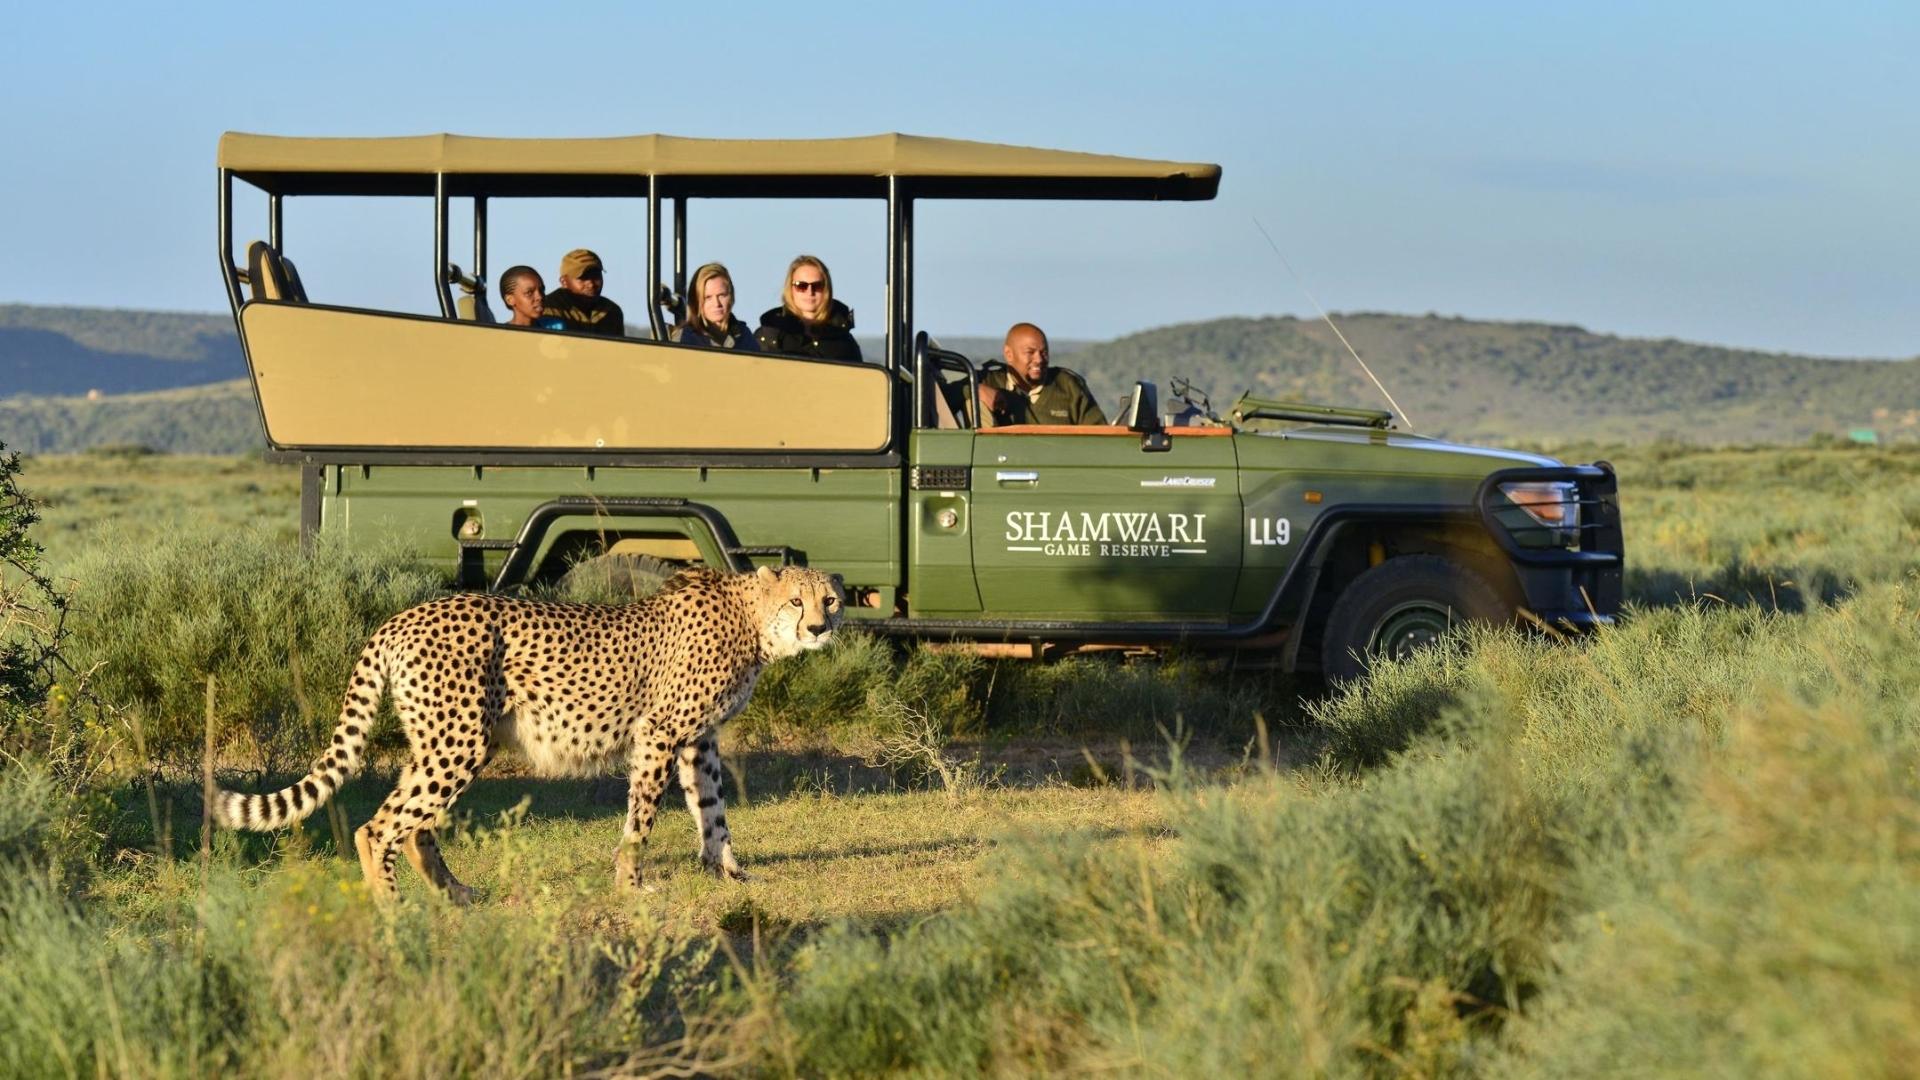 shamwari-game-reserve-big-five-safari.jpg